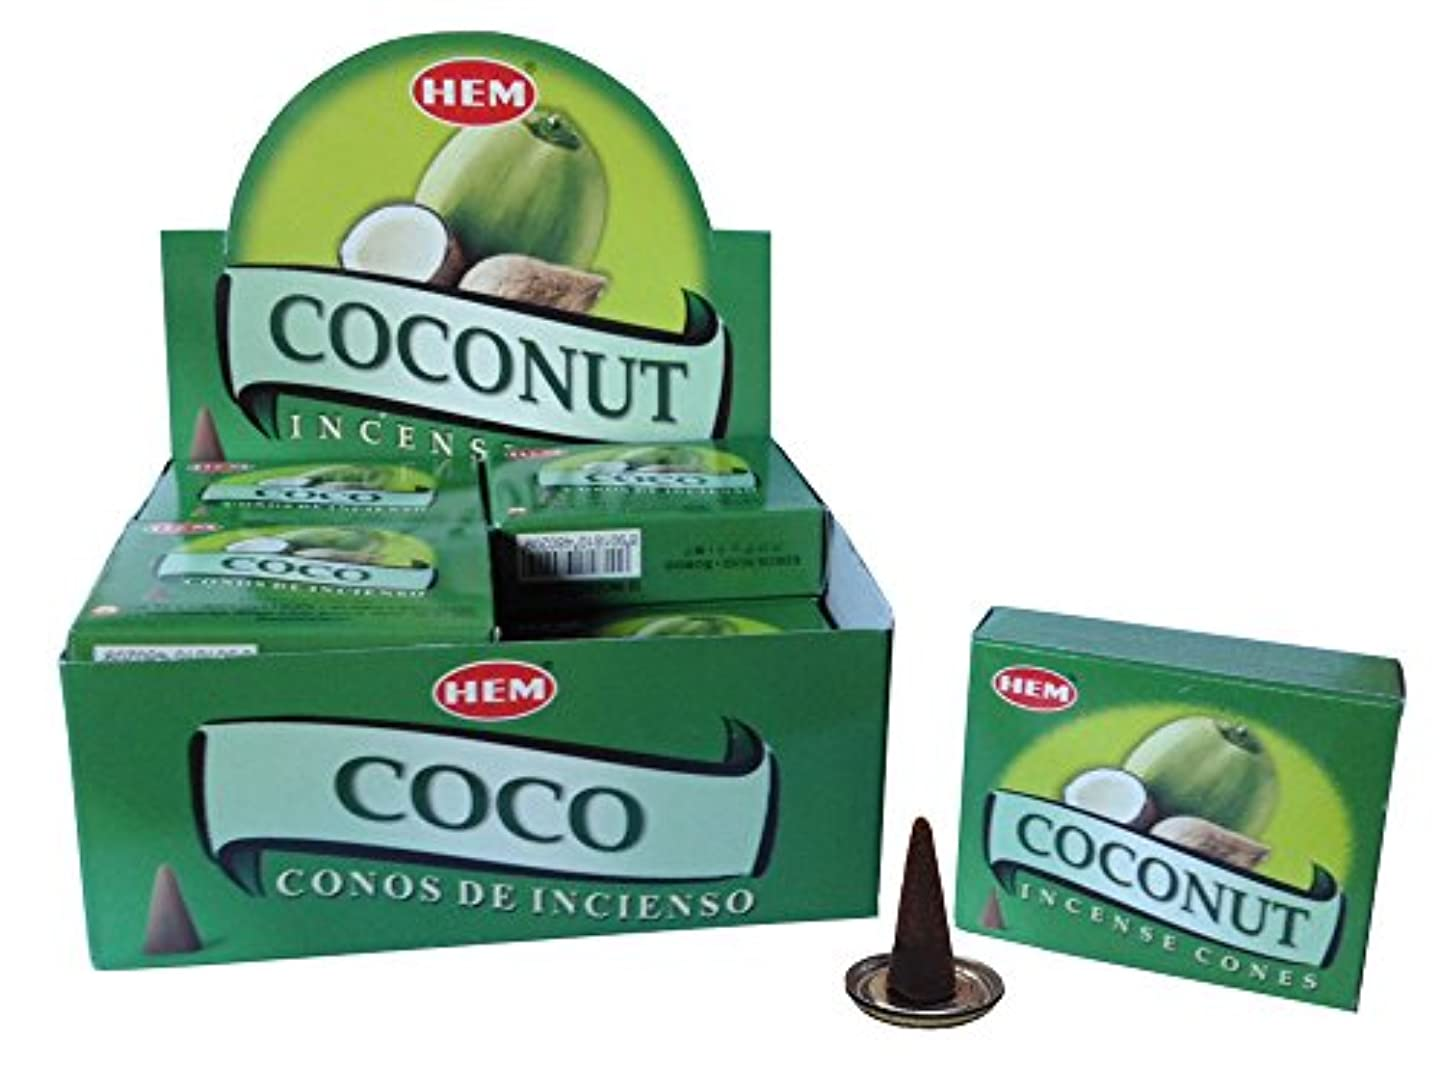 小麦粉真面目な裏切るHEM ココナッツ コーン 12個セット